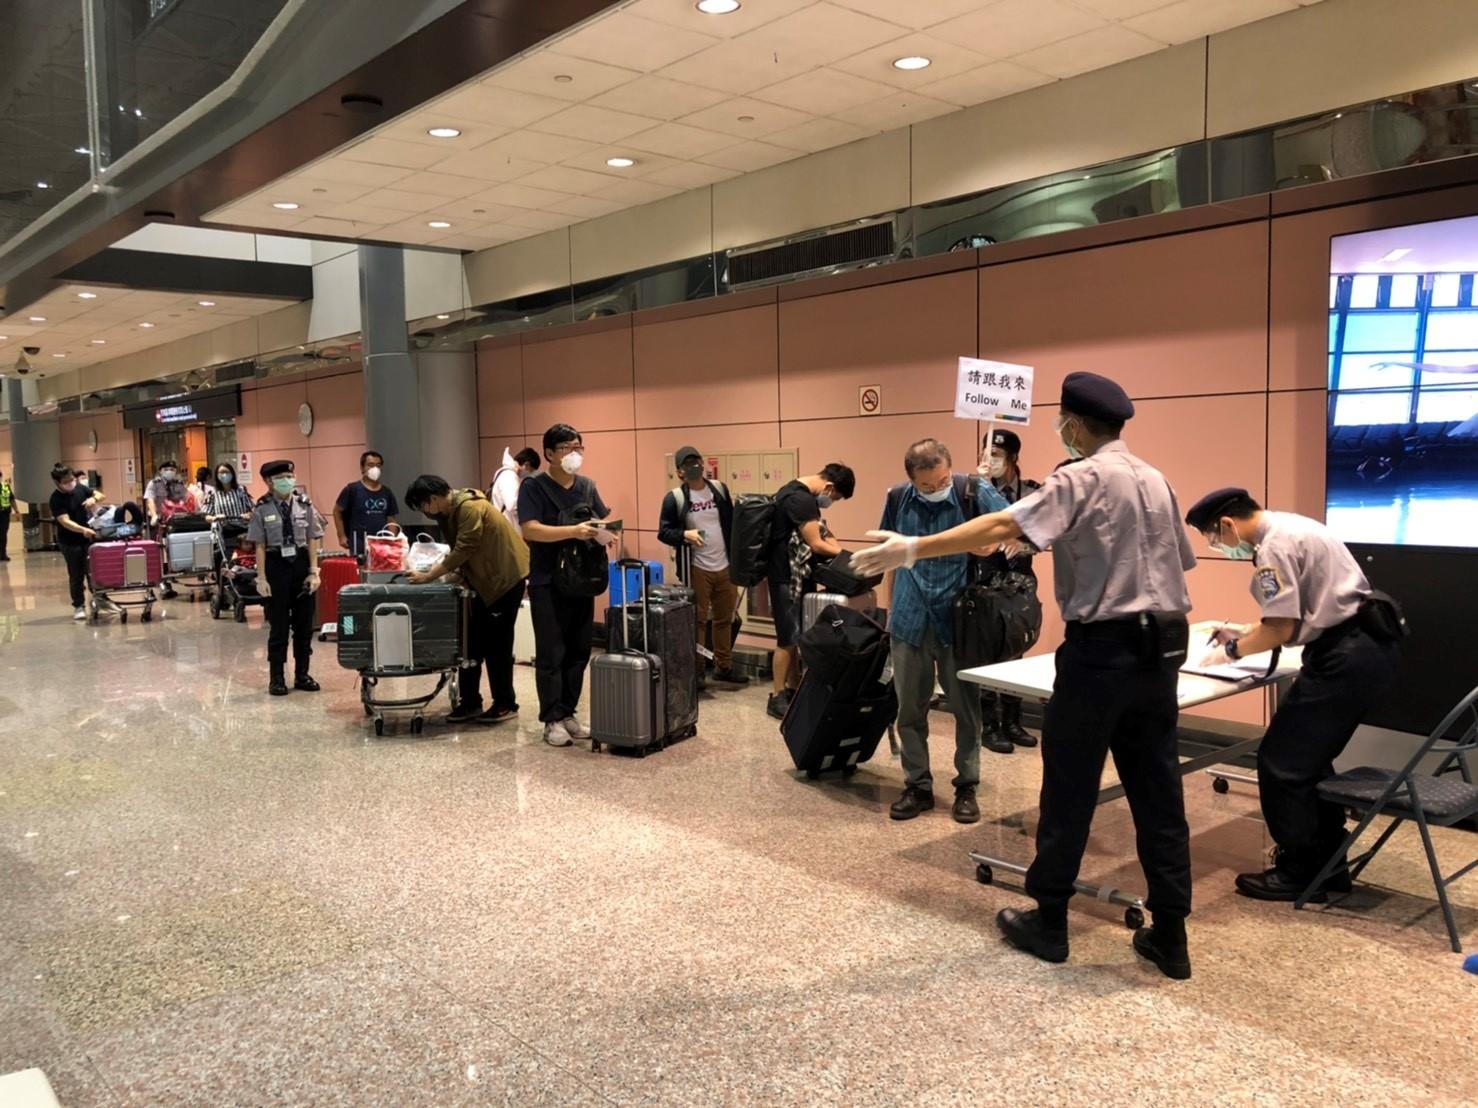 旅客於入境大廳等候搭乘防疫巴士